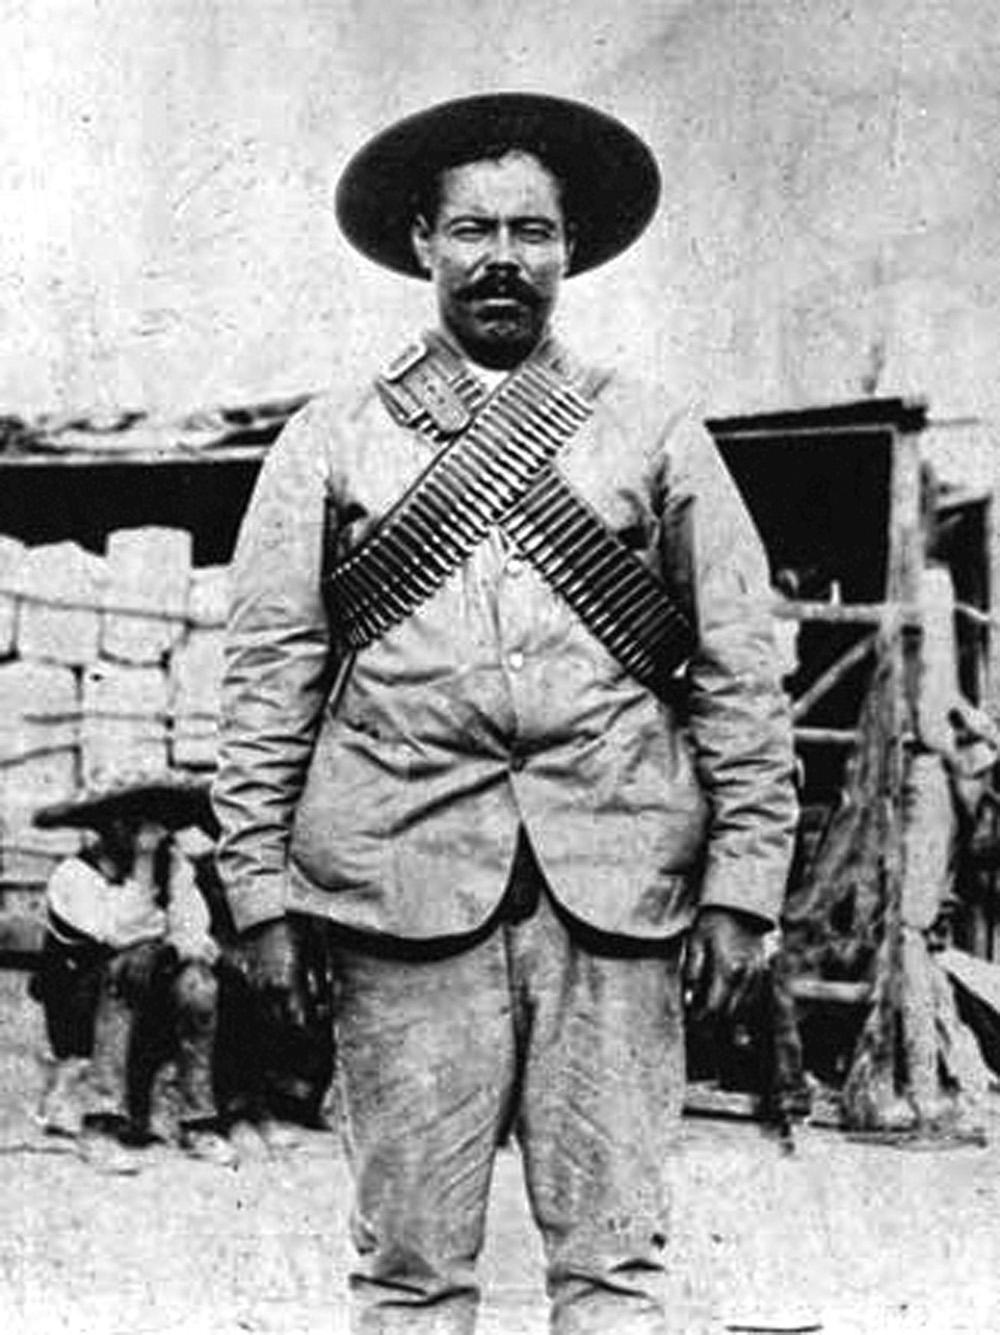 La revolución mexicana fue la revolución de las